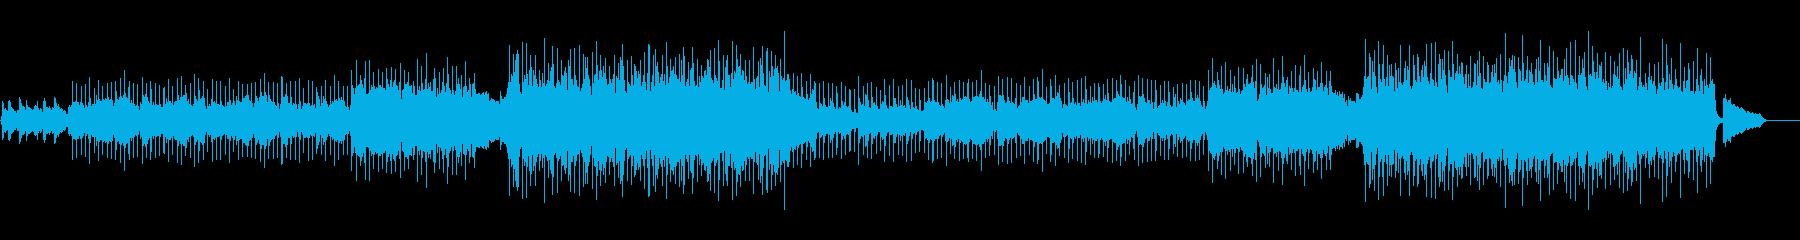 美しく前向きなフルート・ポップスの再生済みの波形